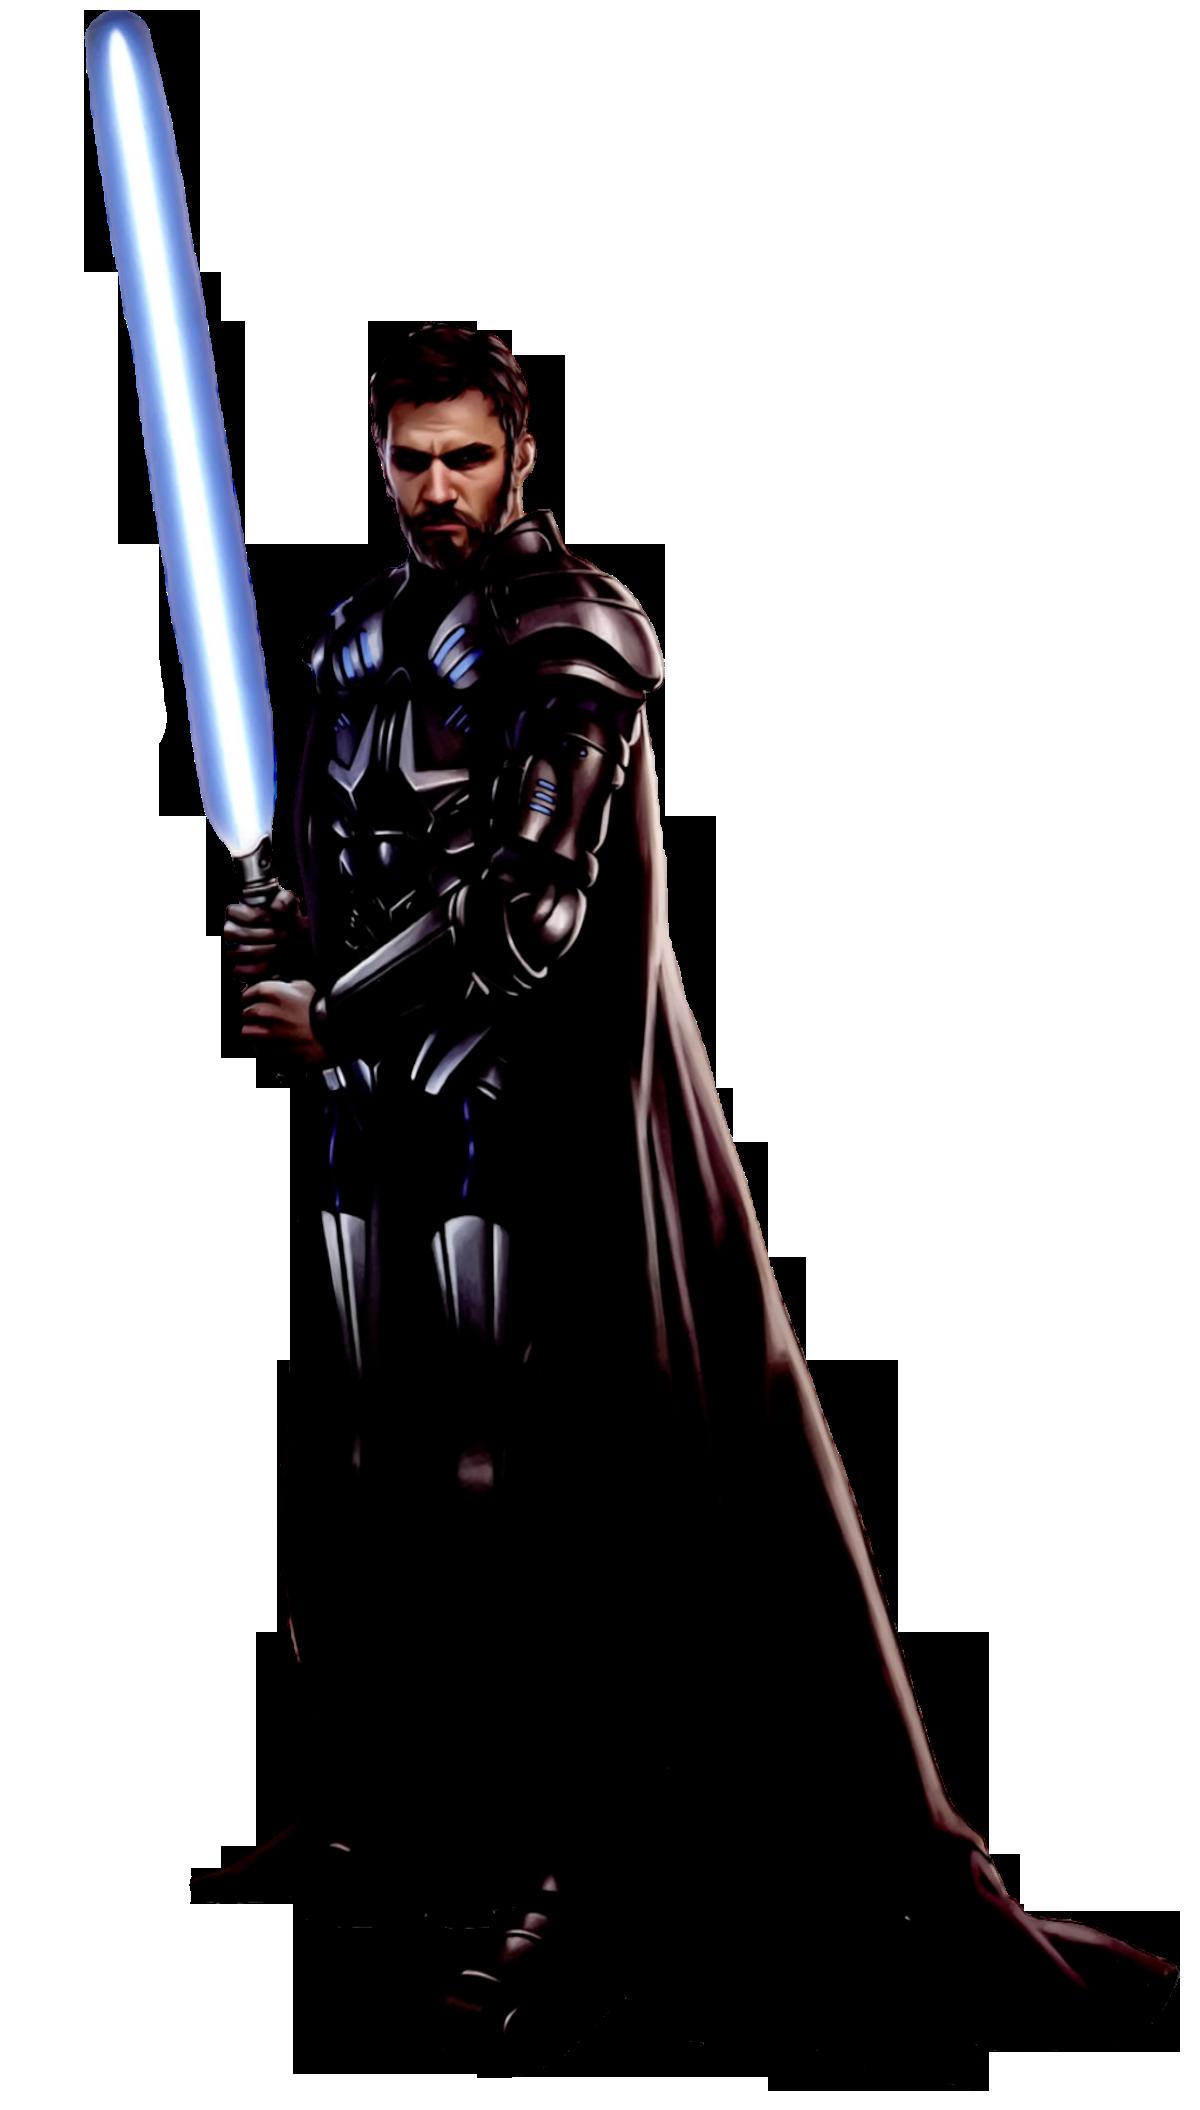 Jedi apparel | Wookieepedia | FANDOM powered by Wikia